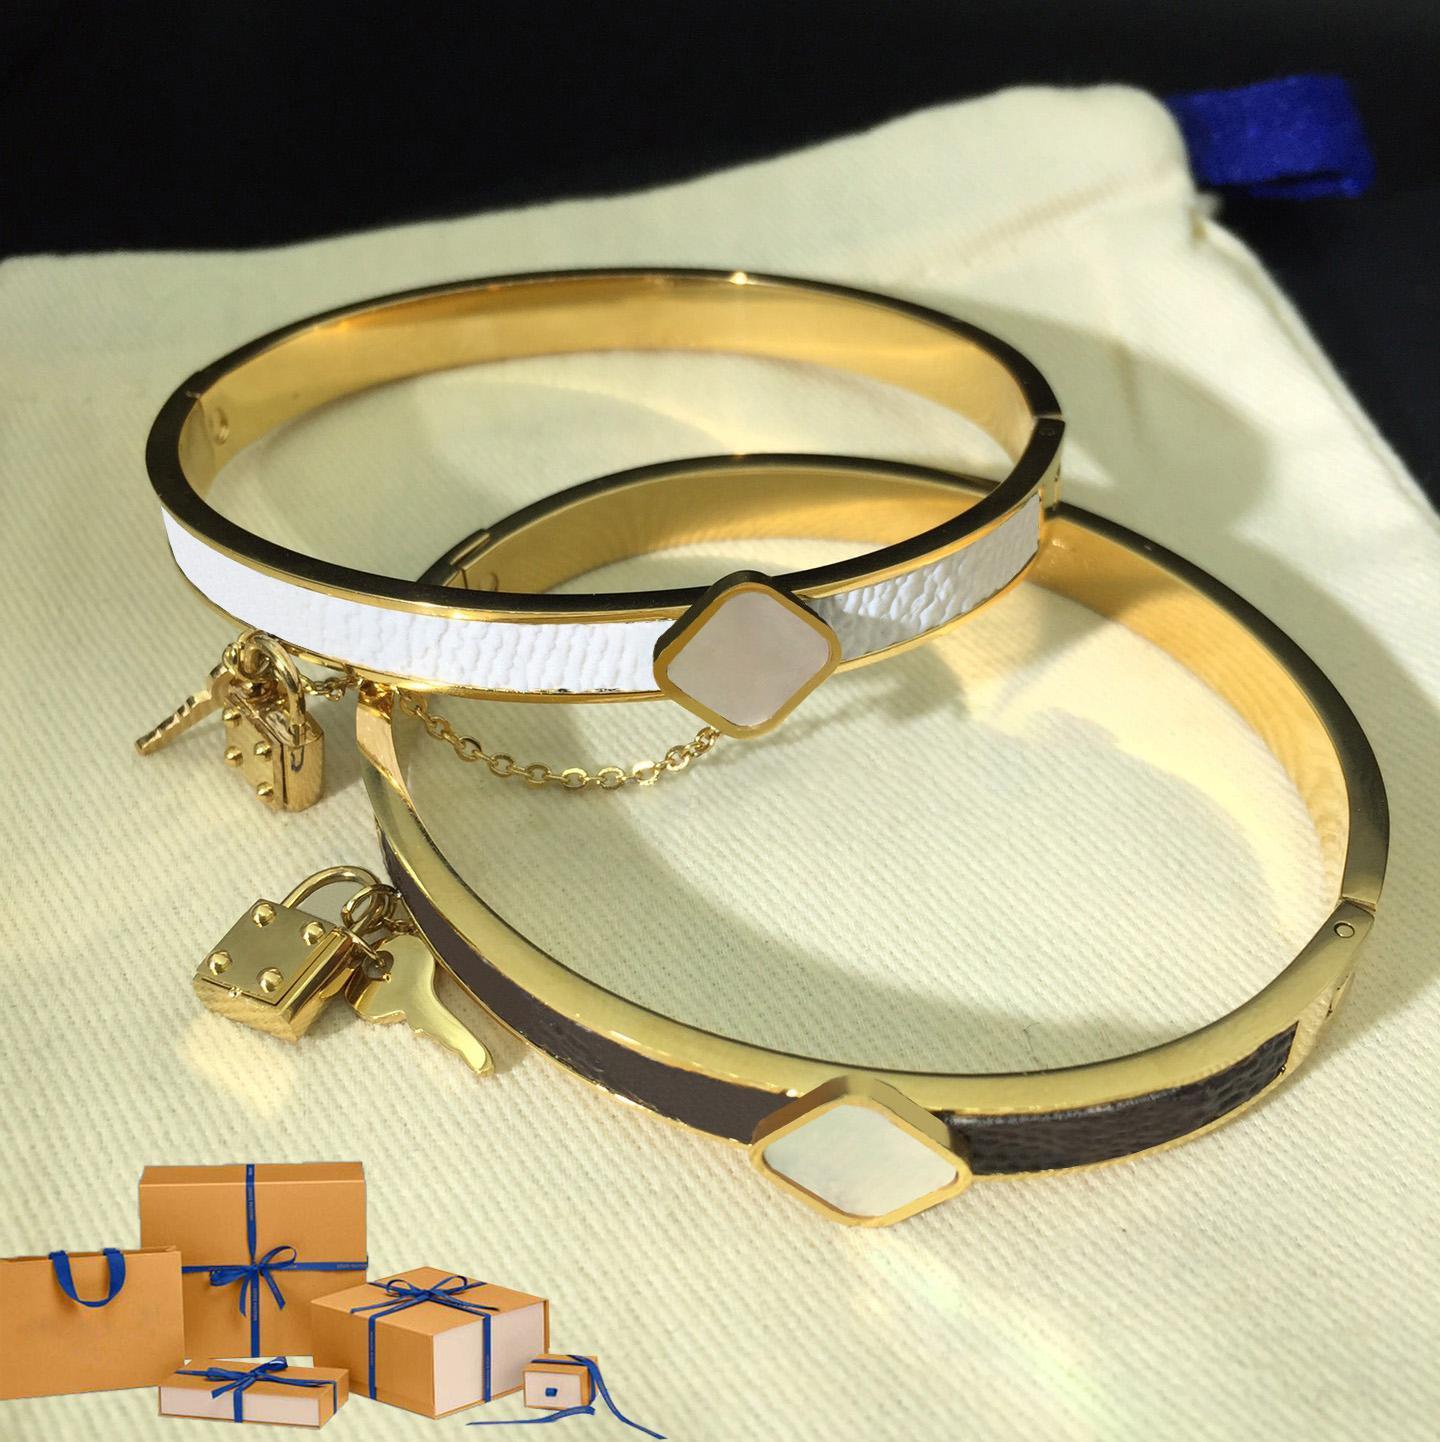 Классические дизайнерские браслеты для женщин цветы замок браслет женские браслеты моды улица украшения подарок с коробкой